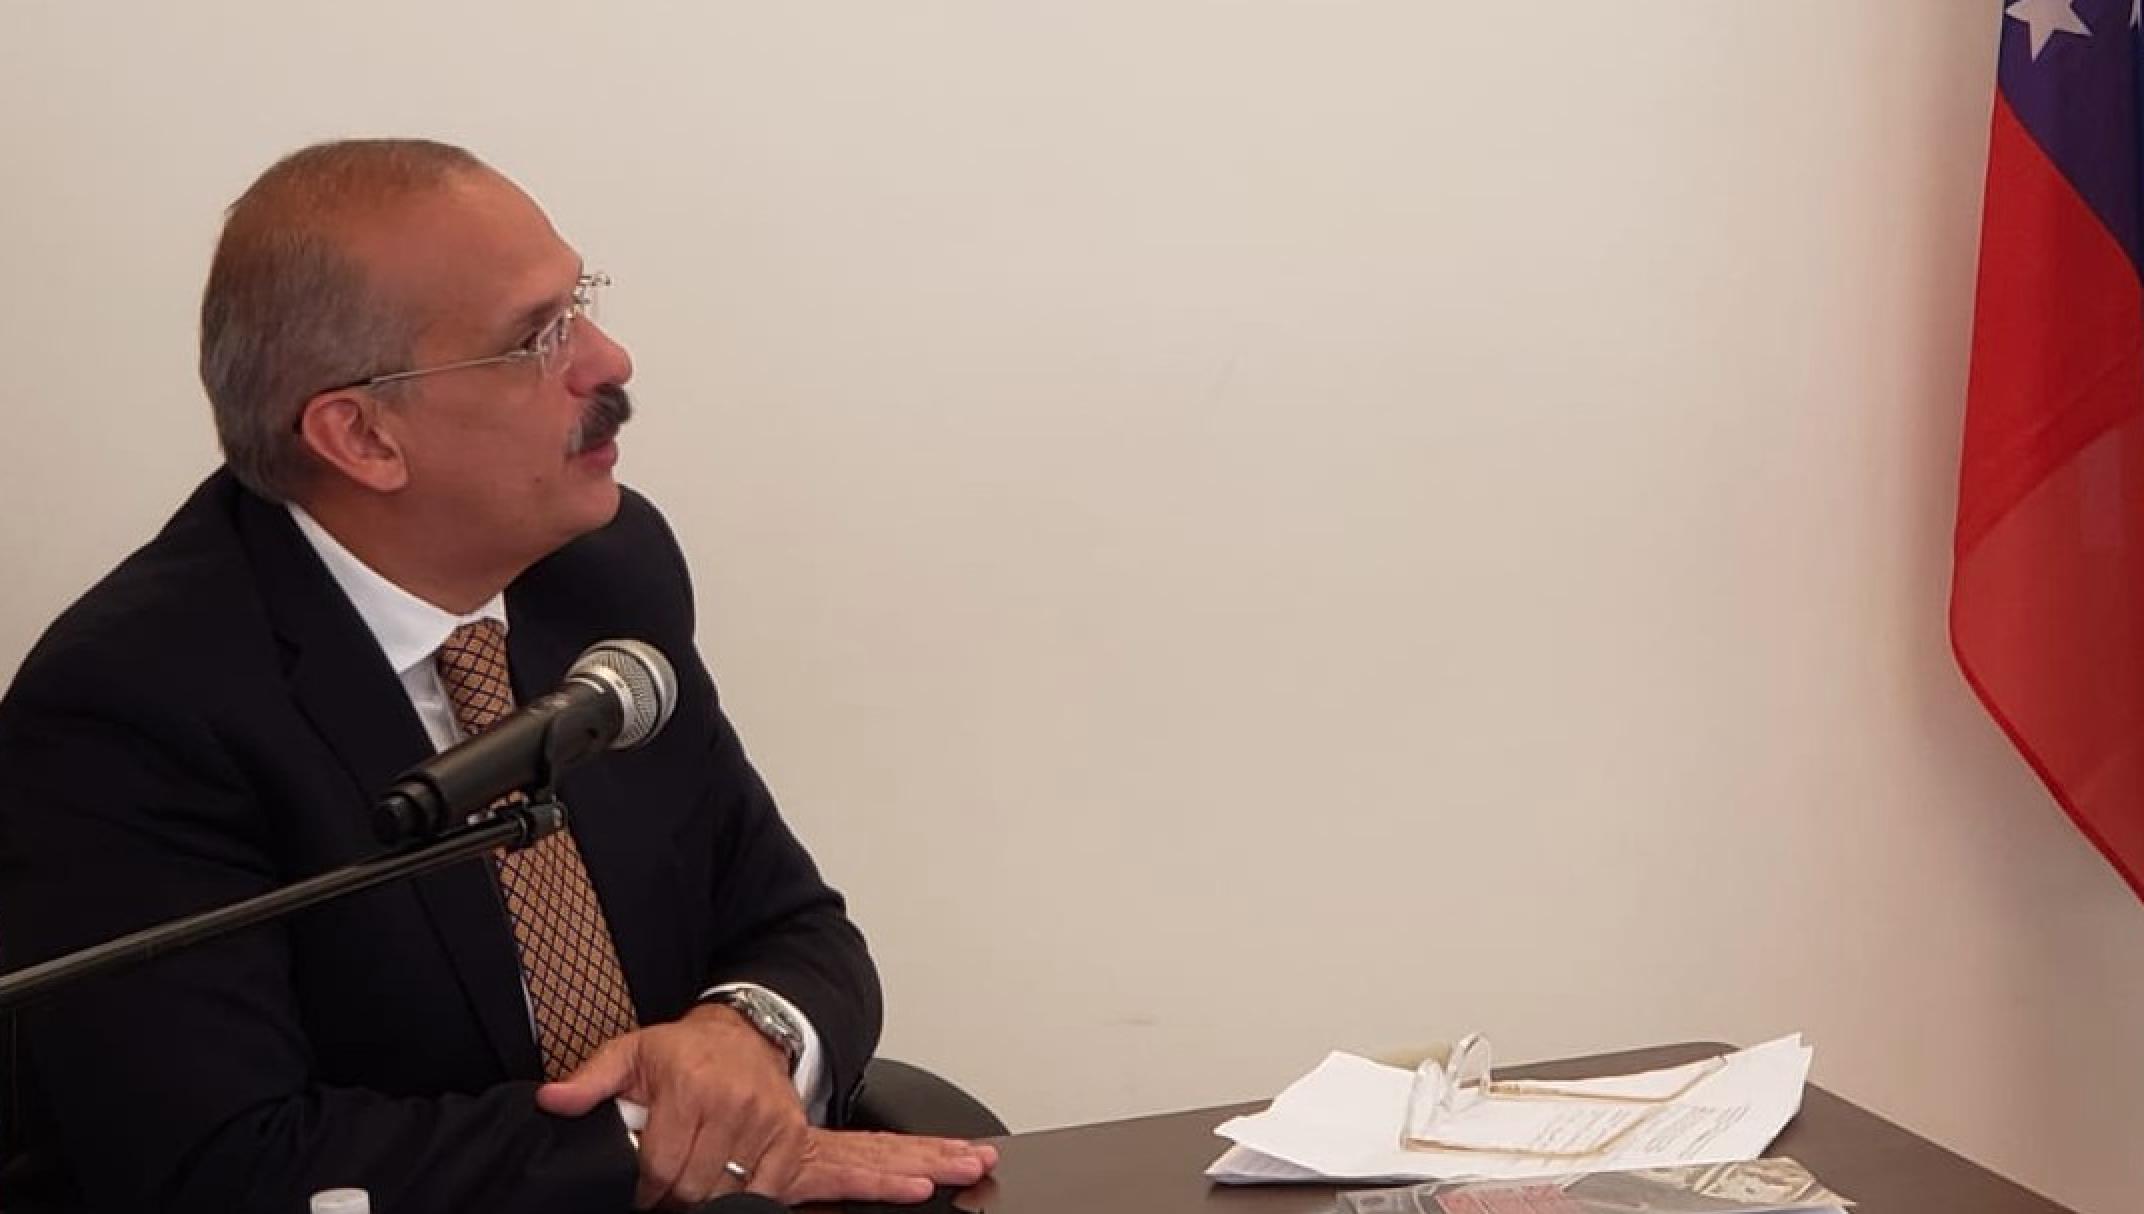 El abogado penalista venezolano Alejandro Rebolledo, magistrado principal de la Sala de Casación Penal del Tribunal Supremo de Venezuela en el exilio